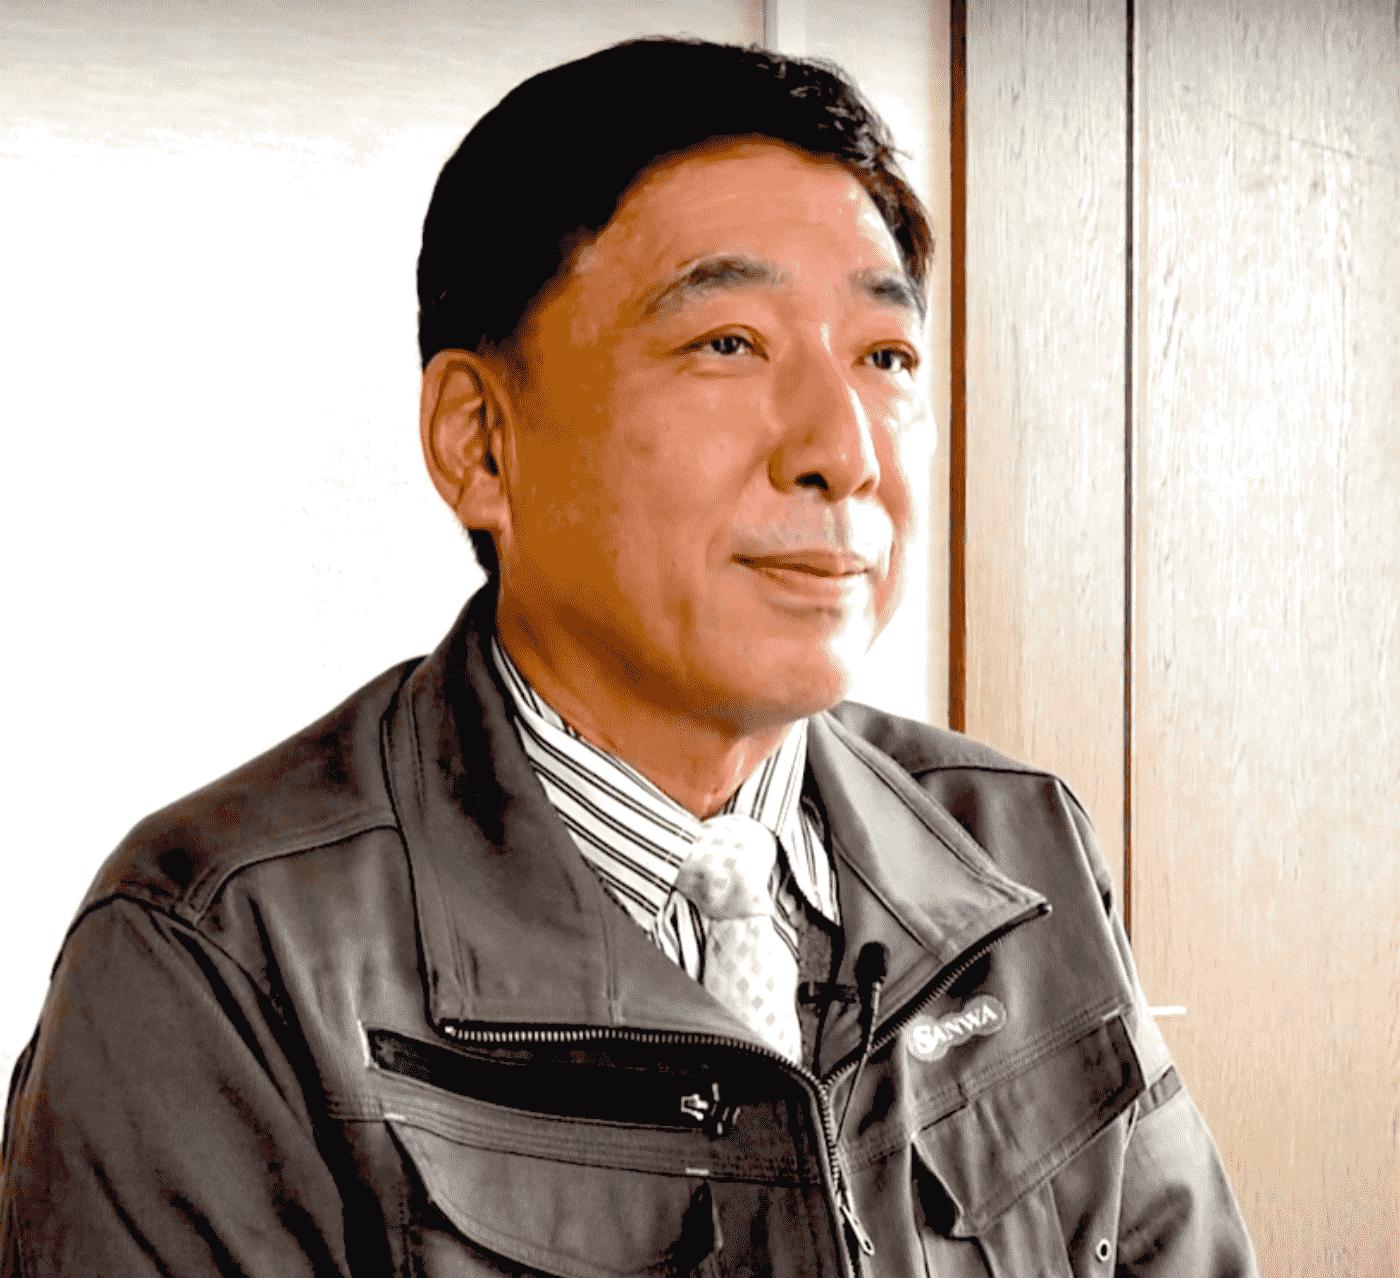 株式会社 三和軽合金製作所、代表取締役社長 三宅正恒